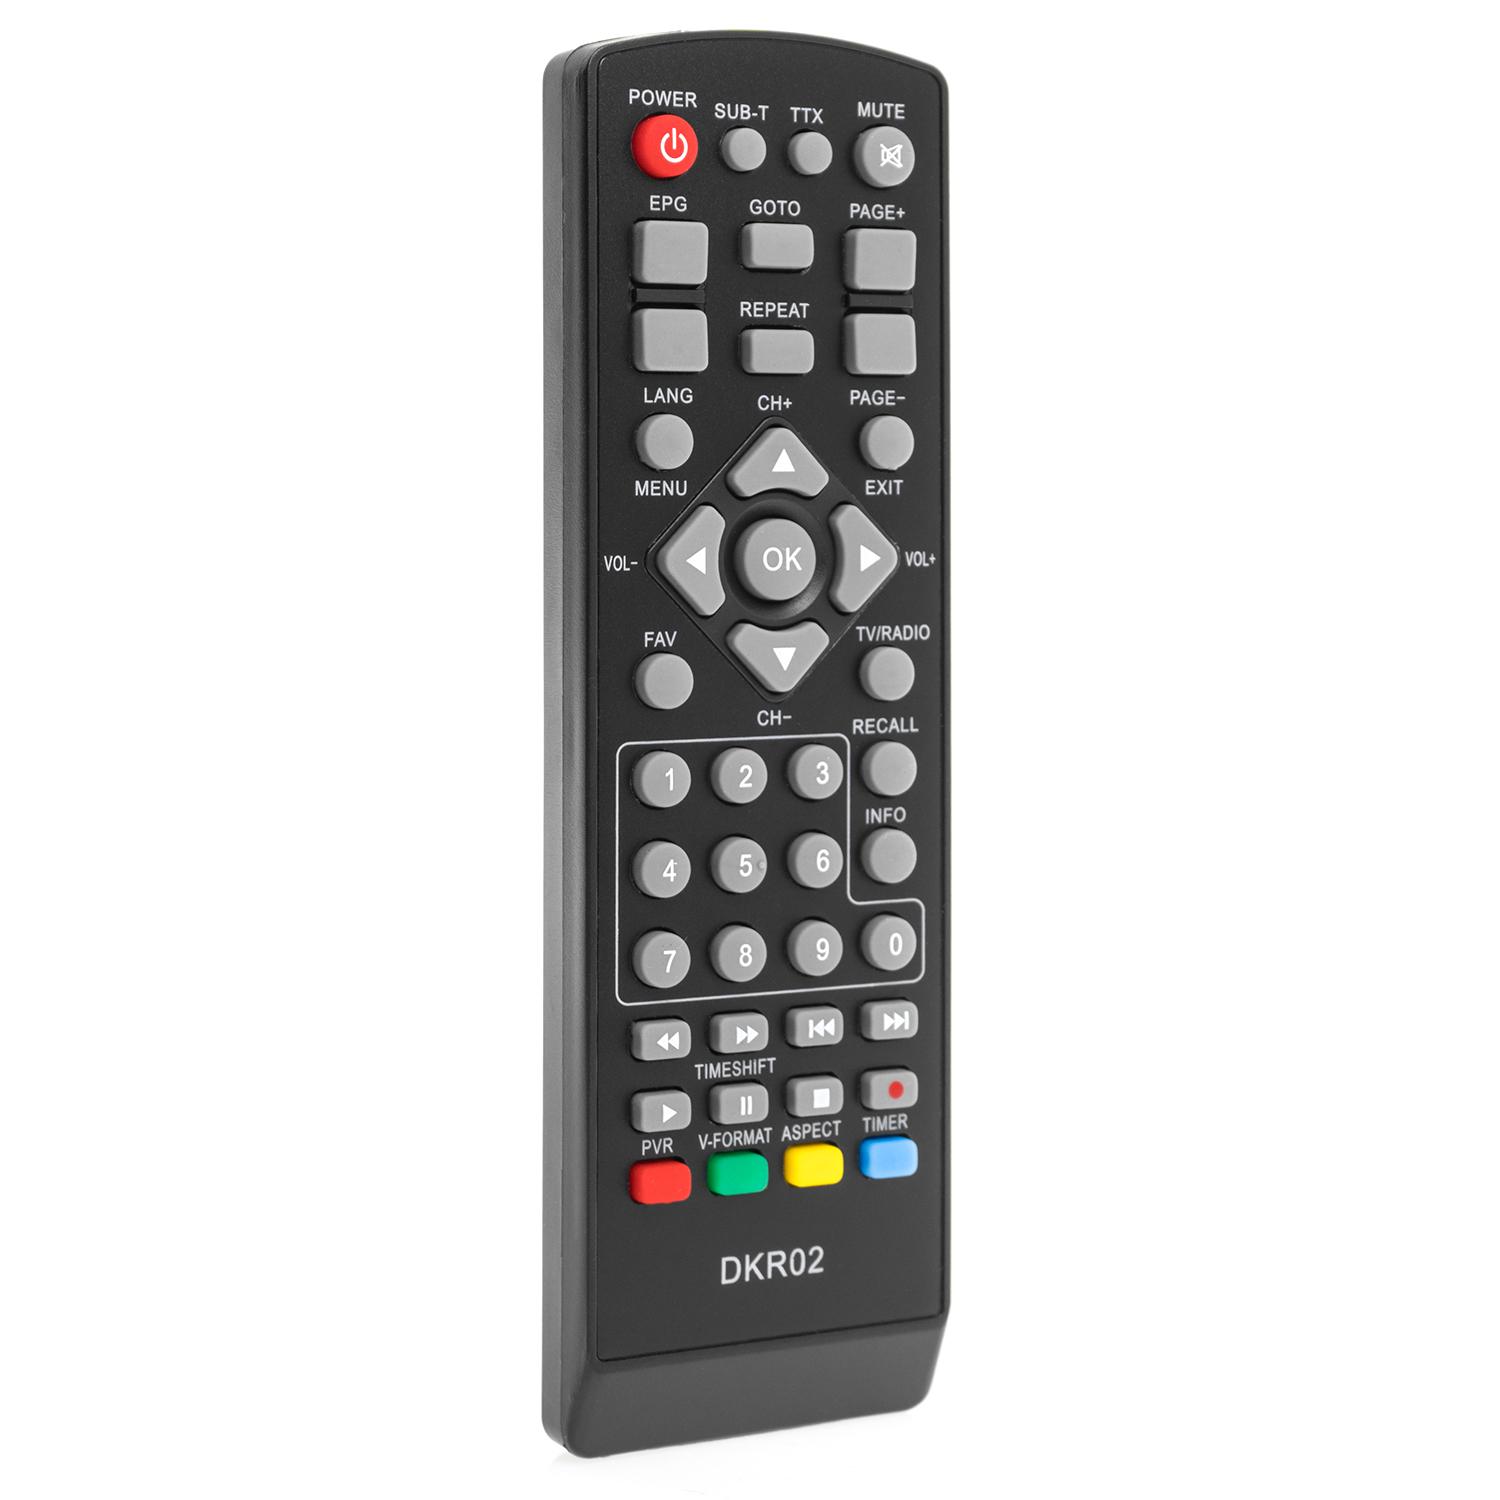 comag dkr 40 digitaler full hd kabel receiver dvb c hdmi scart mediaplayer pvr ebay. Black Bedroom Furniture Sets. Home Design Ideas